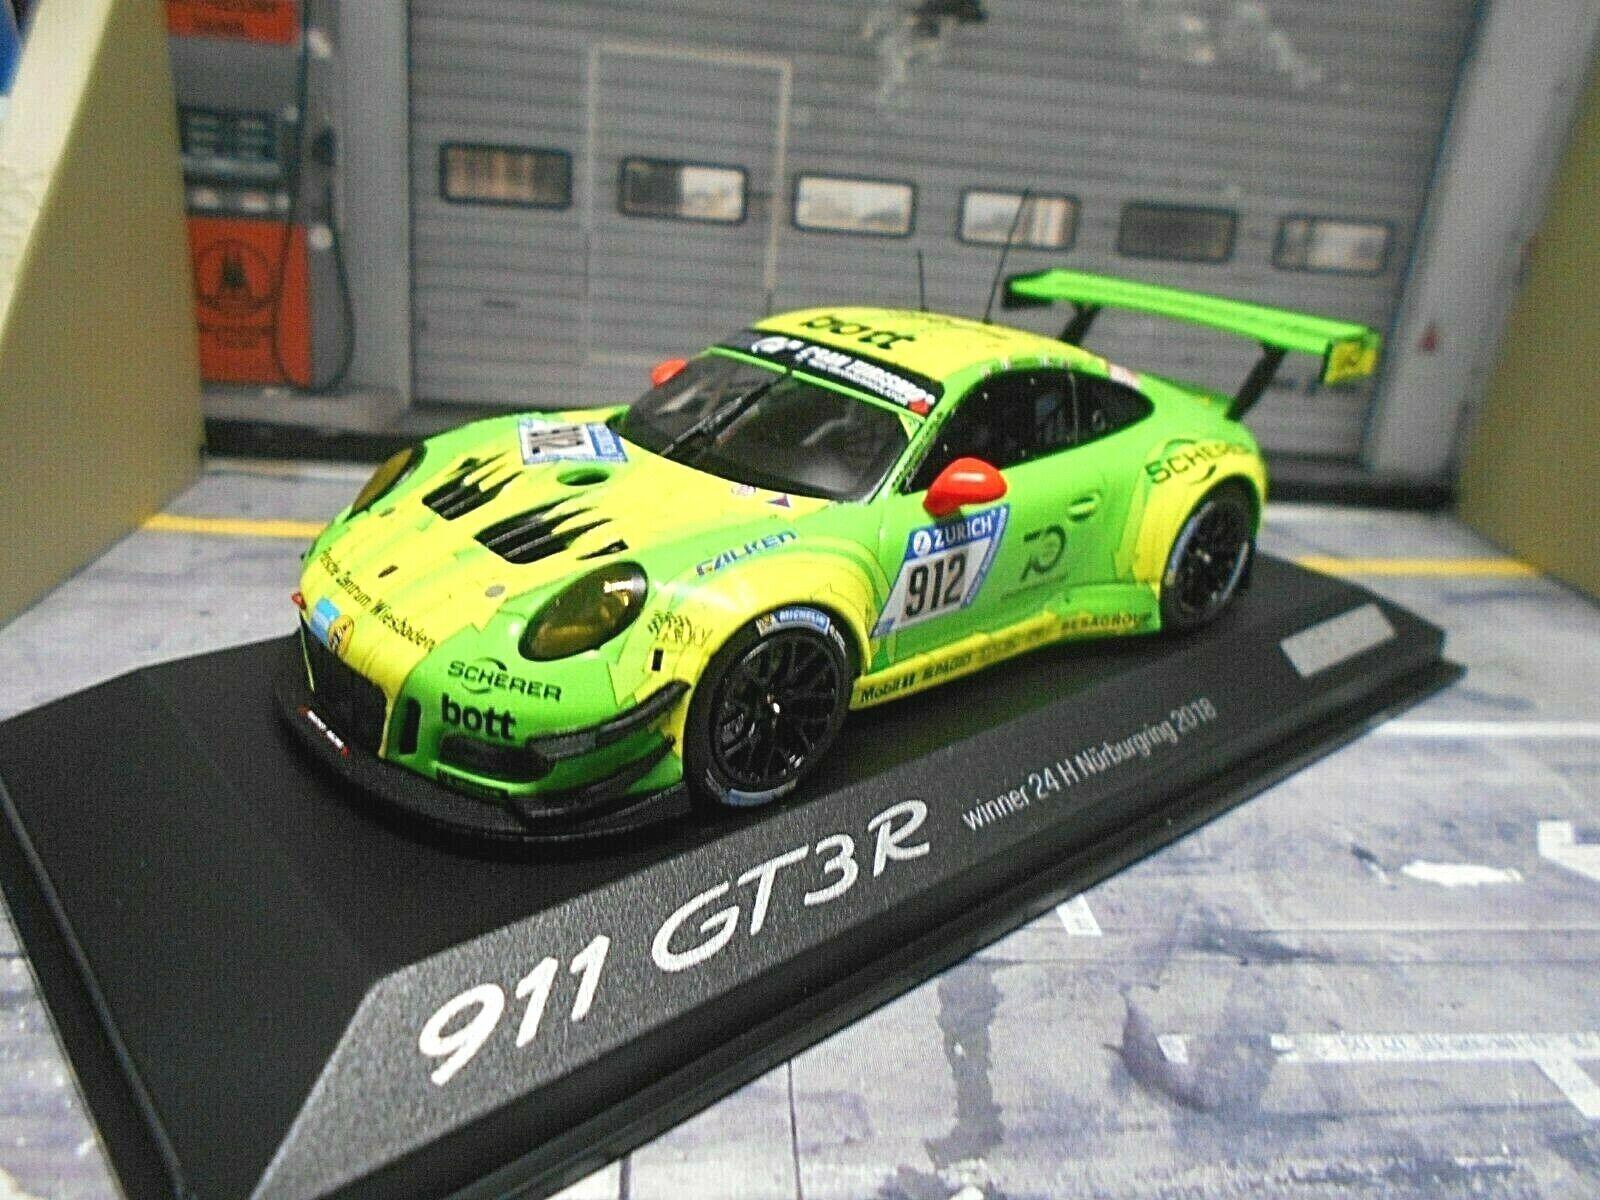 PORSCHE 911 991 GT3 R R R 24h Nürburgring 2018 Winner Manthey Grello Minichamps 1 43 6d73c8